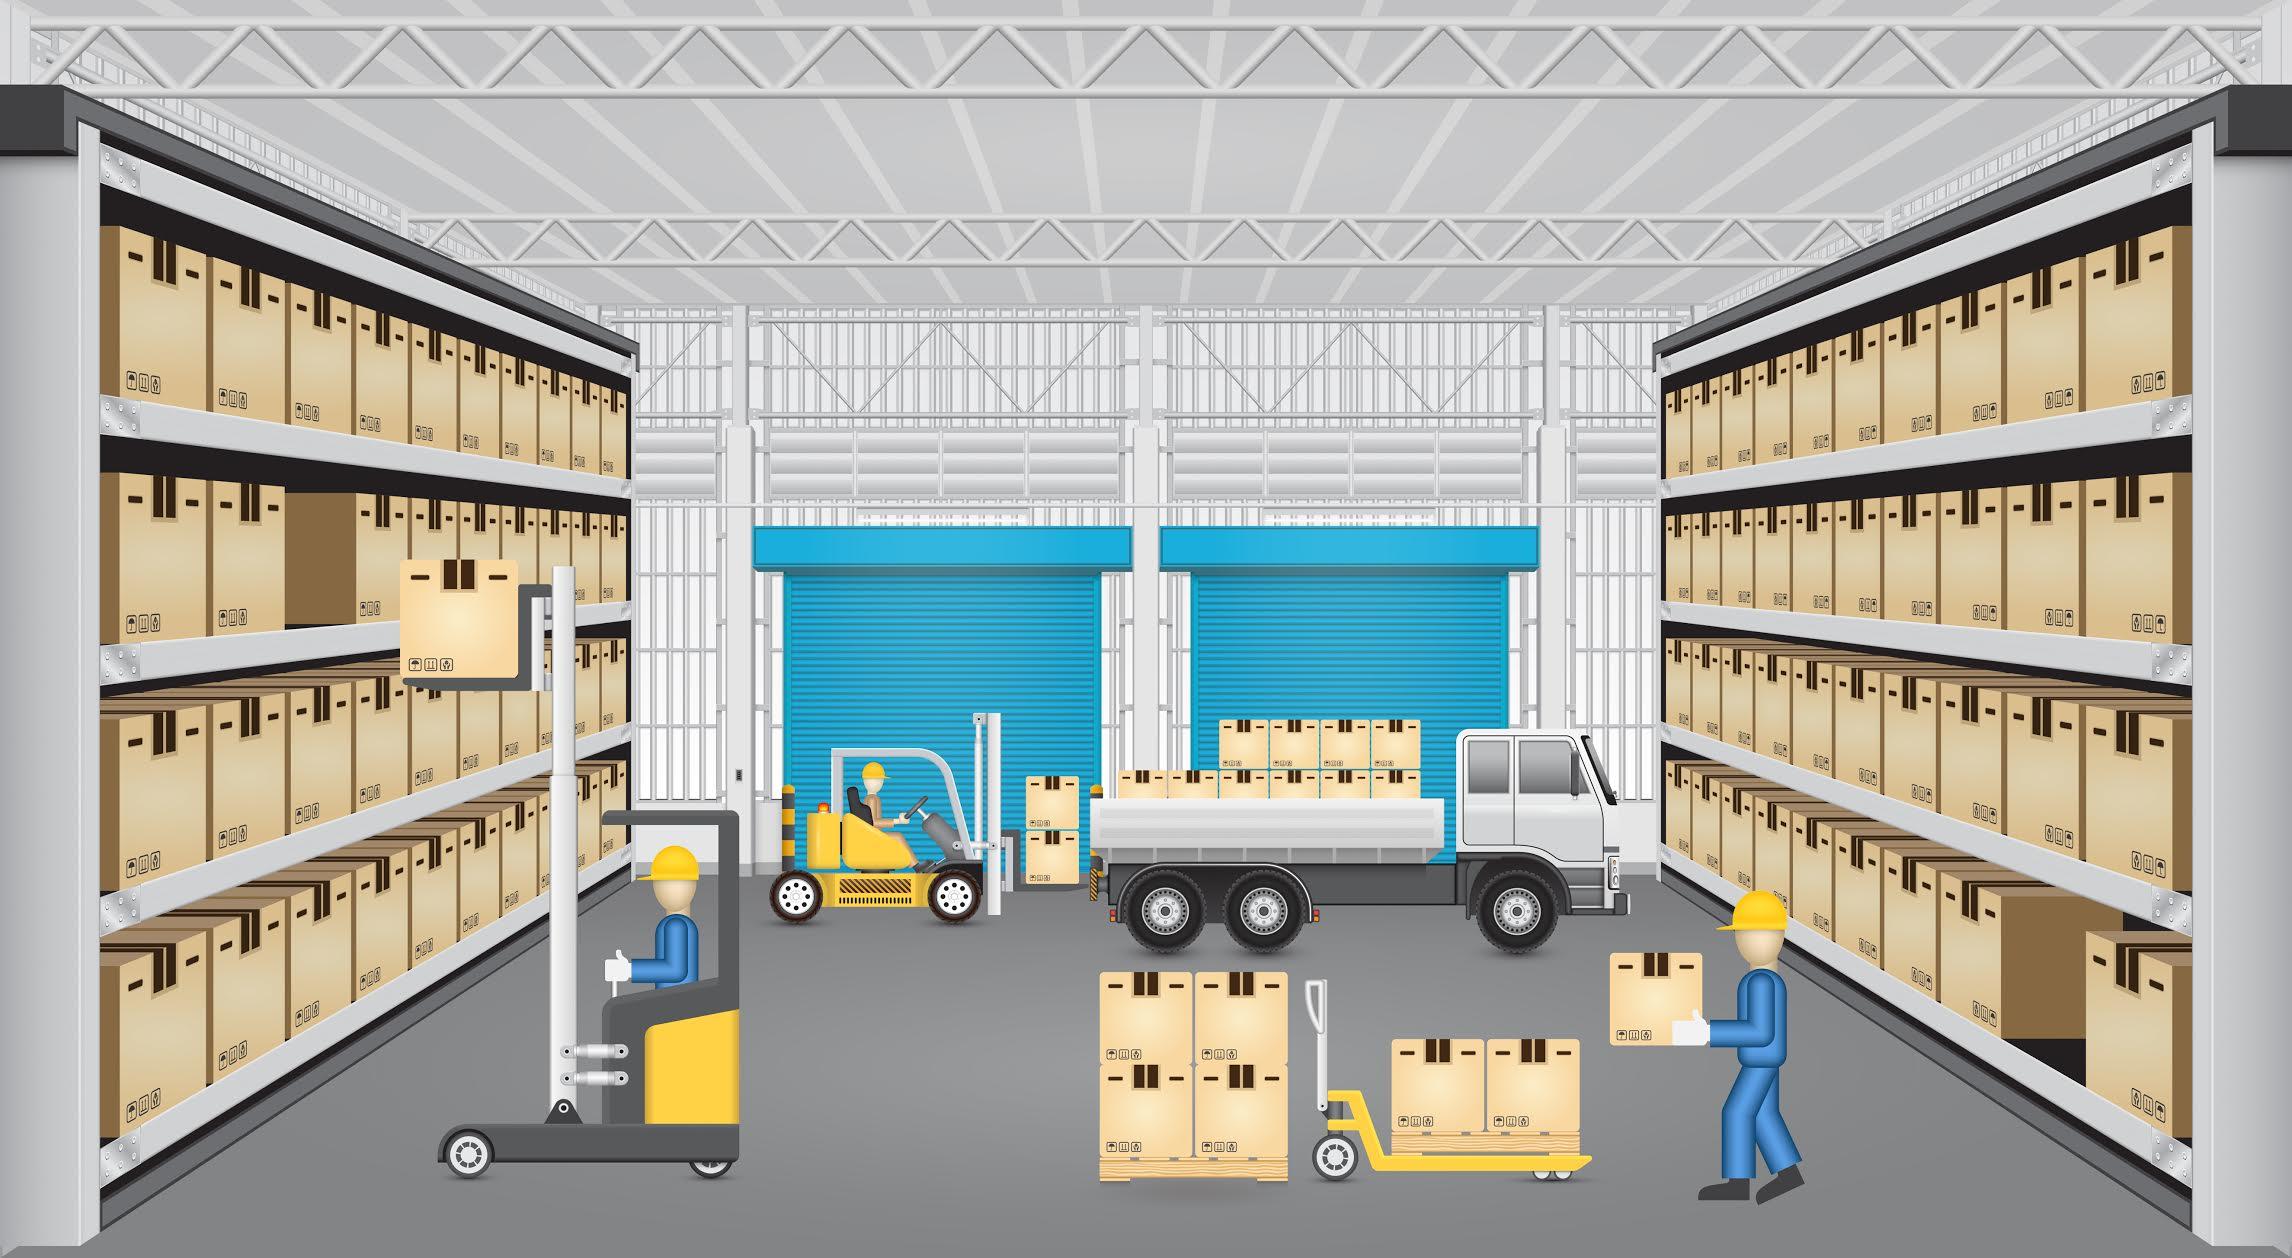 Criteri di mappatura di magazzino vantaggi e svantaggi for Piani di costruzione di magazzino